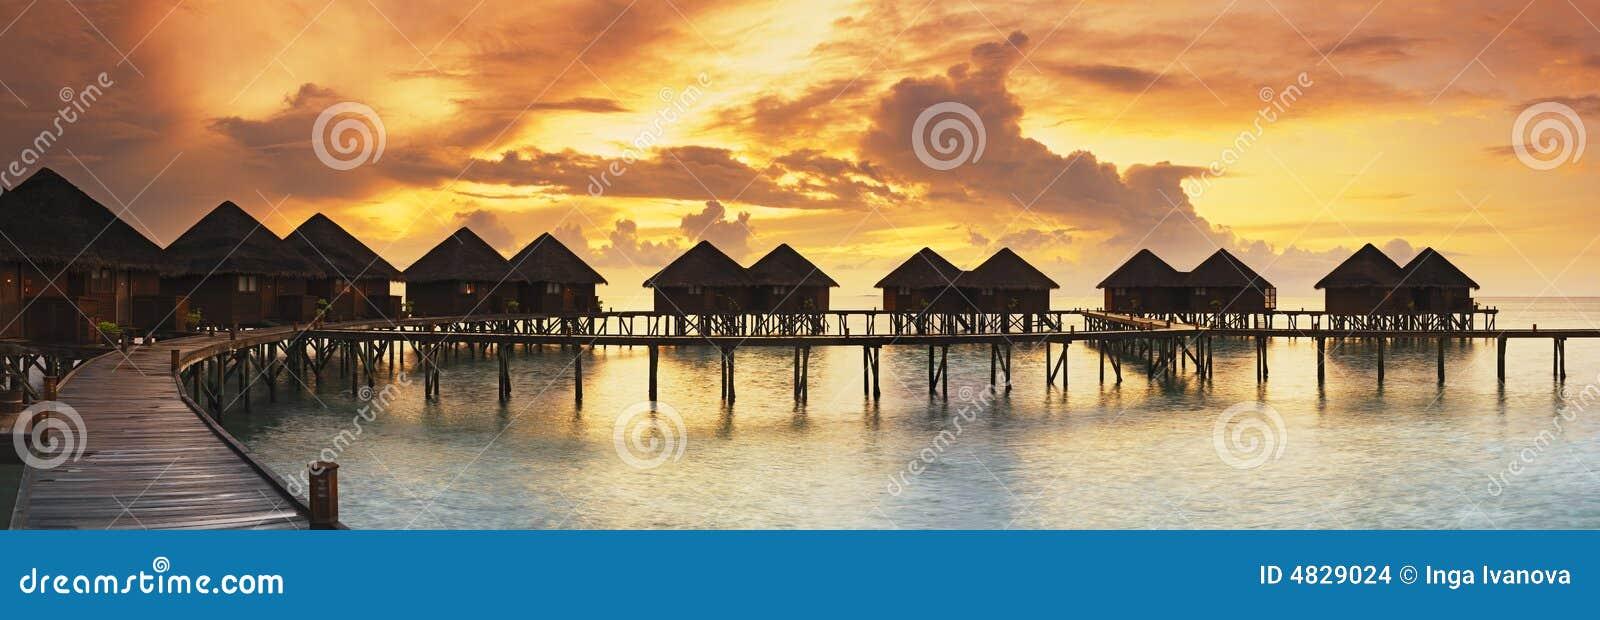 Schönes Panorama des tropischen Sonnenuntergangs